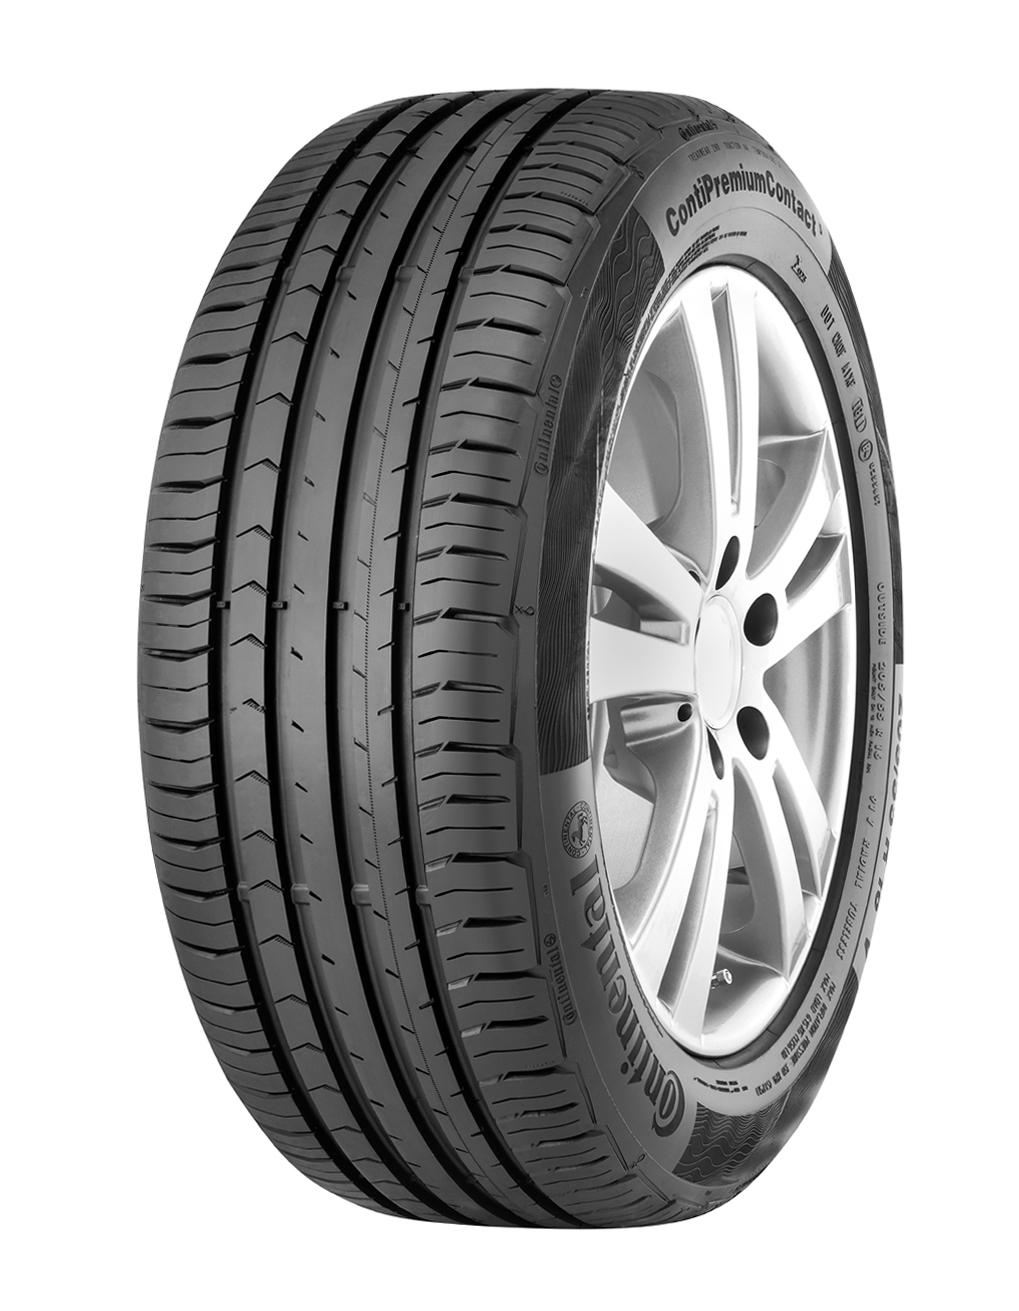 Летние шины r14 купить питере купить шины cordiant sno-max 195/65 r15 91q